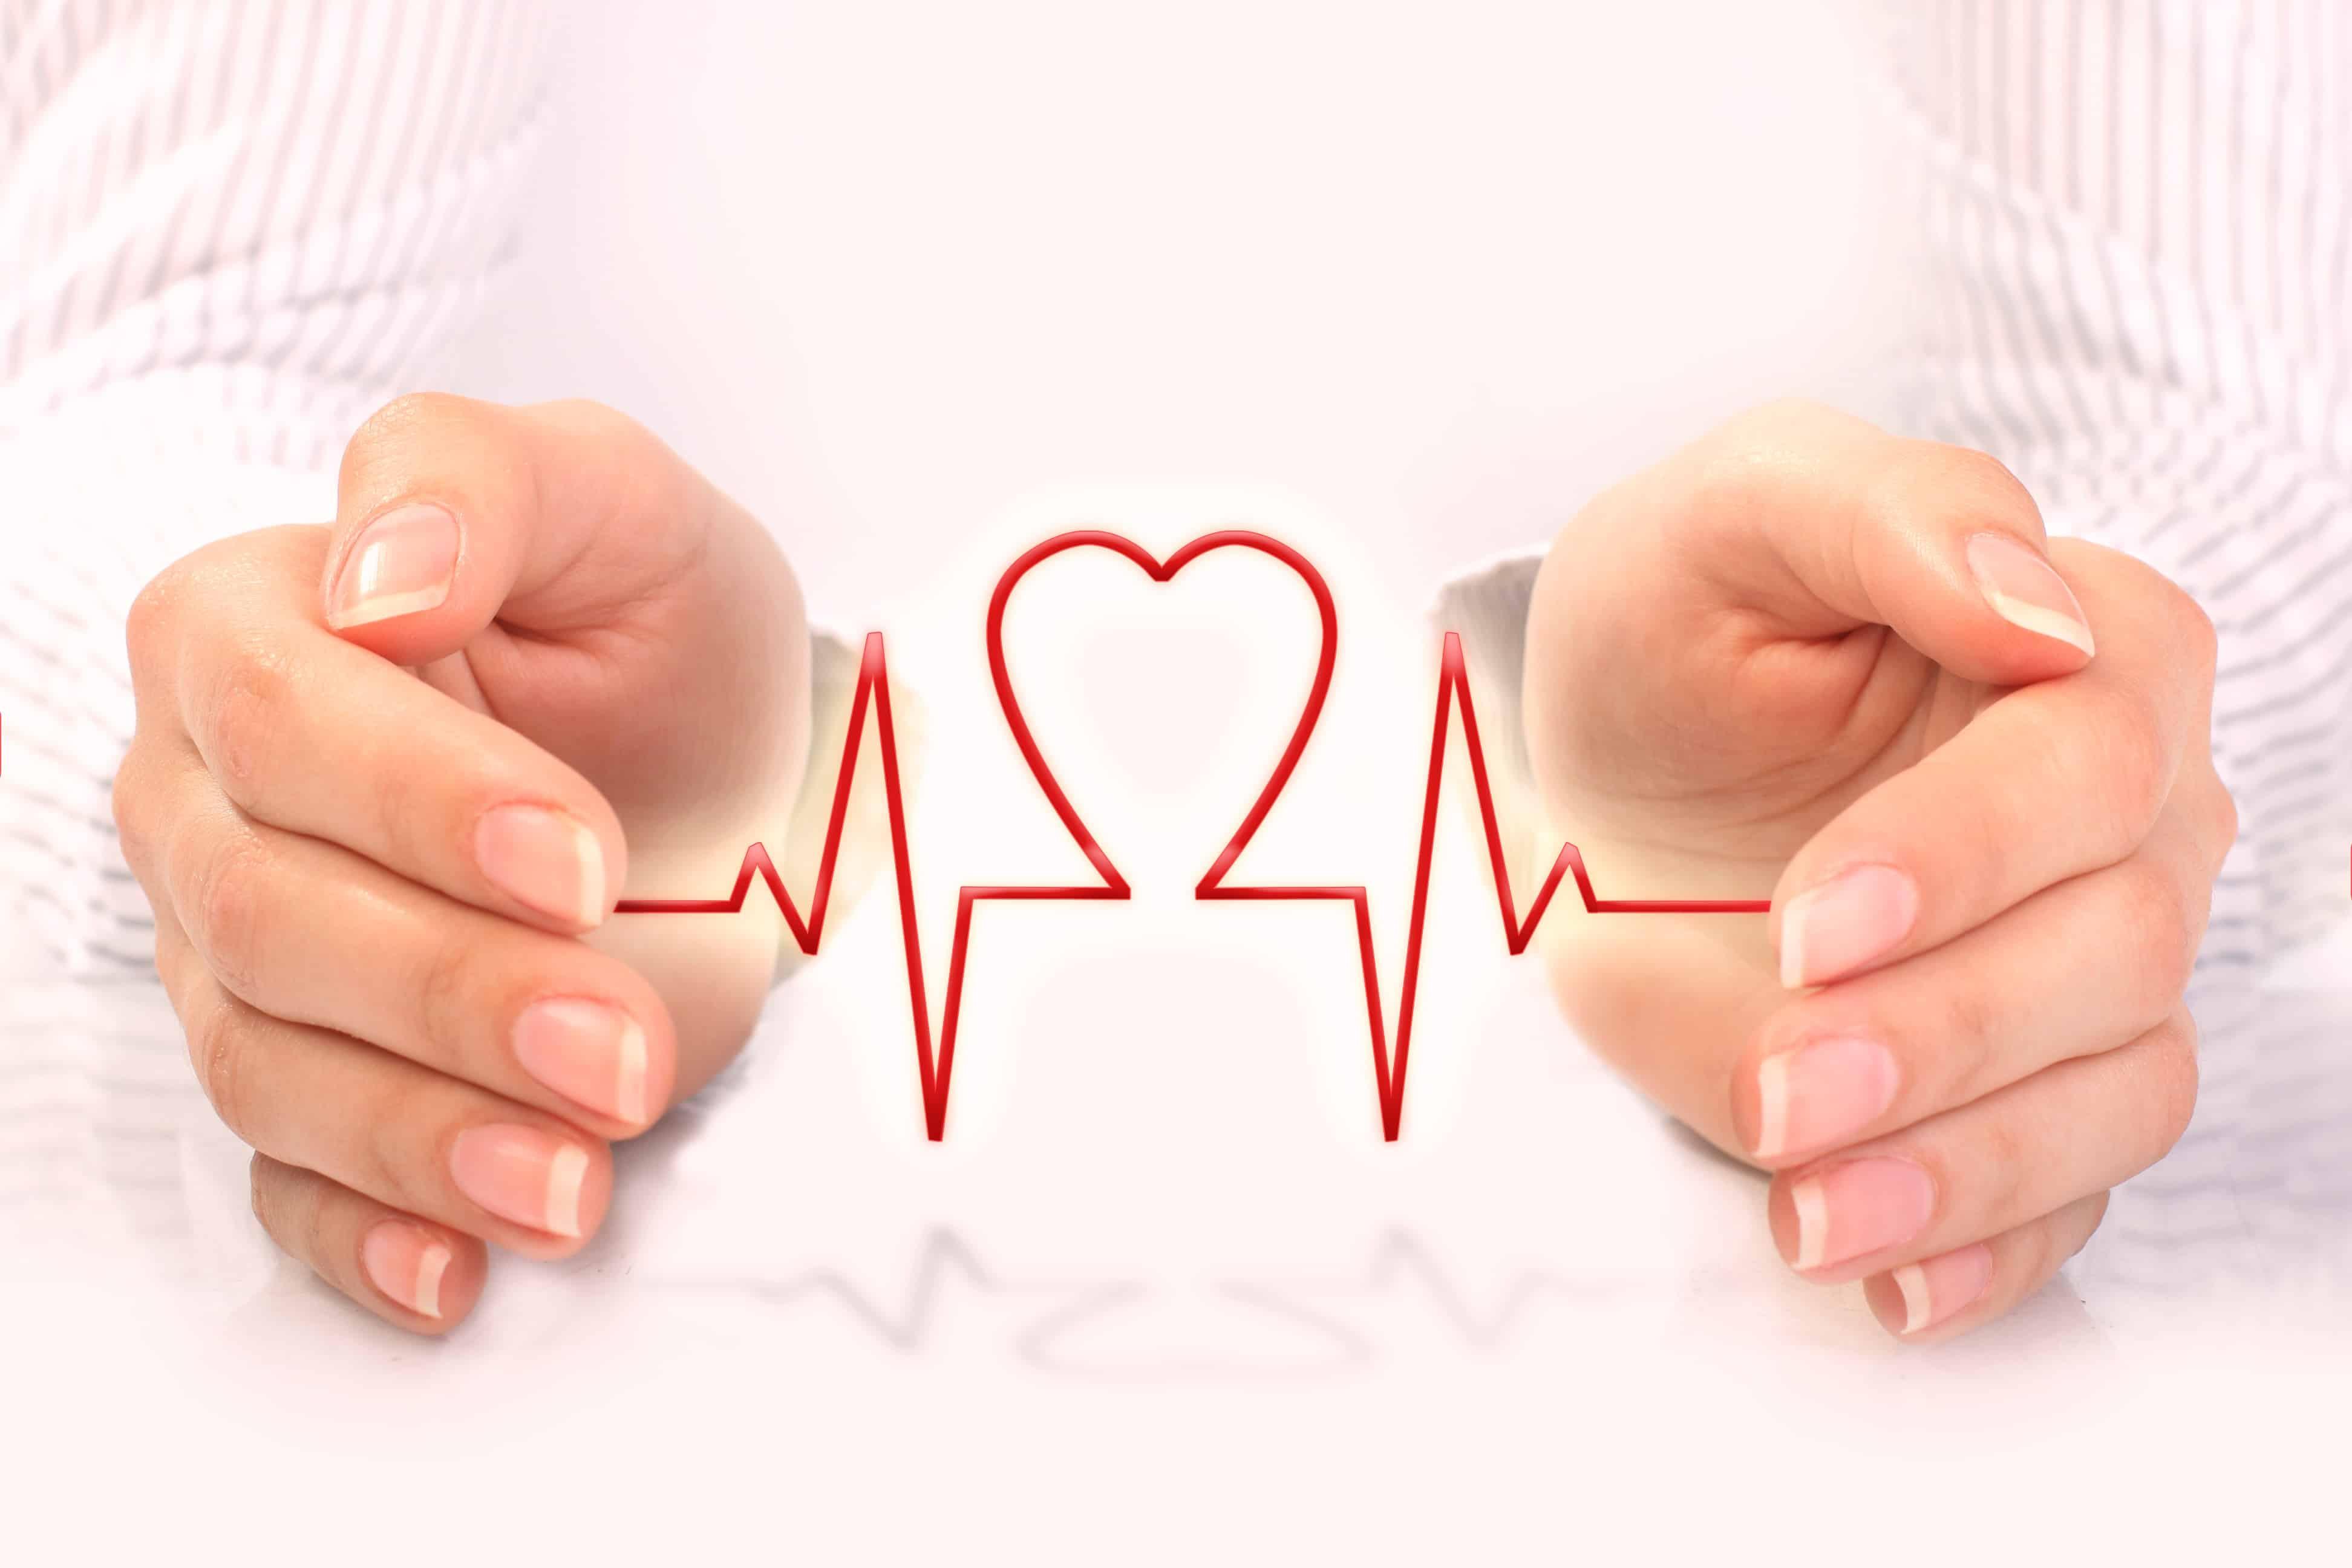 бады для здоровья сердца и сосудов